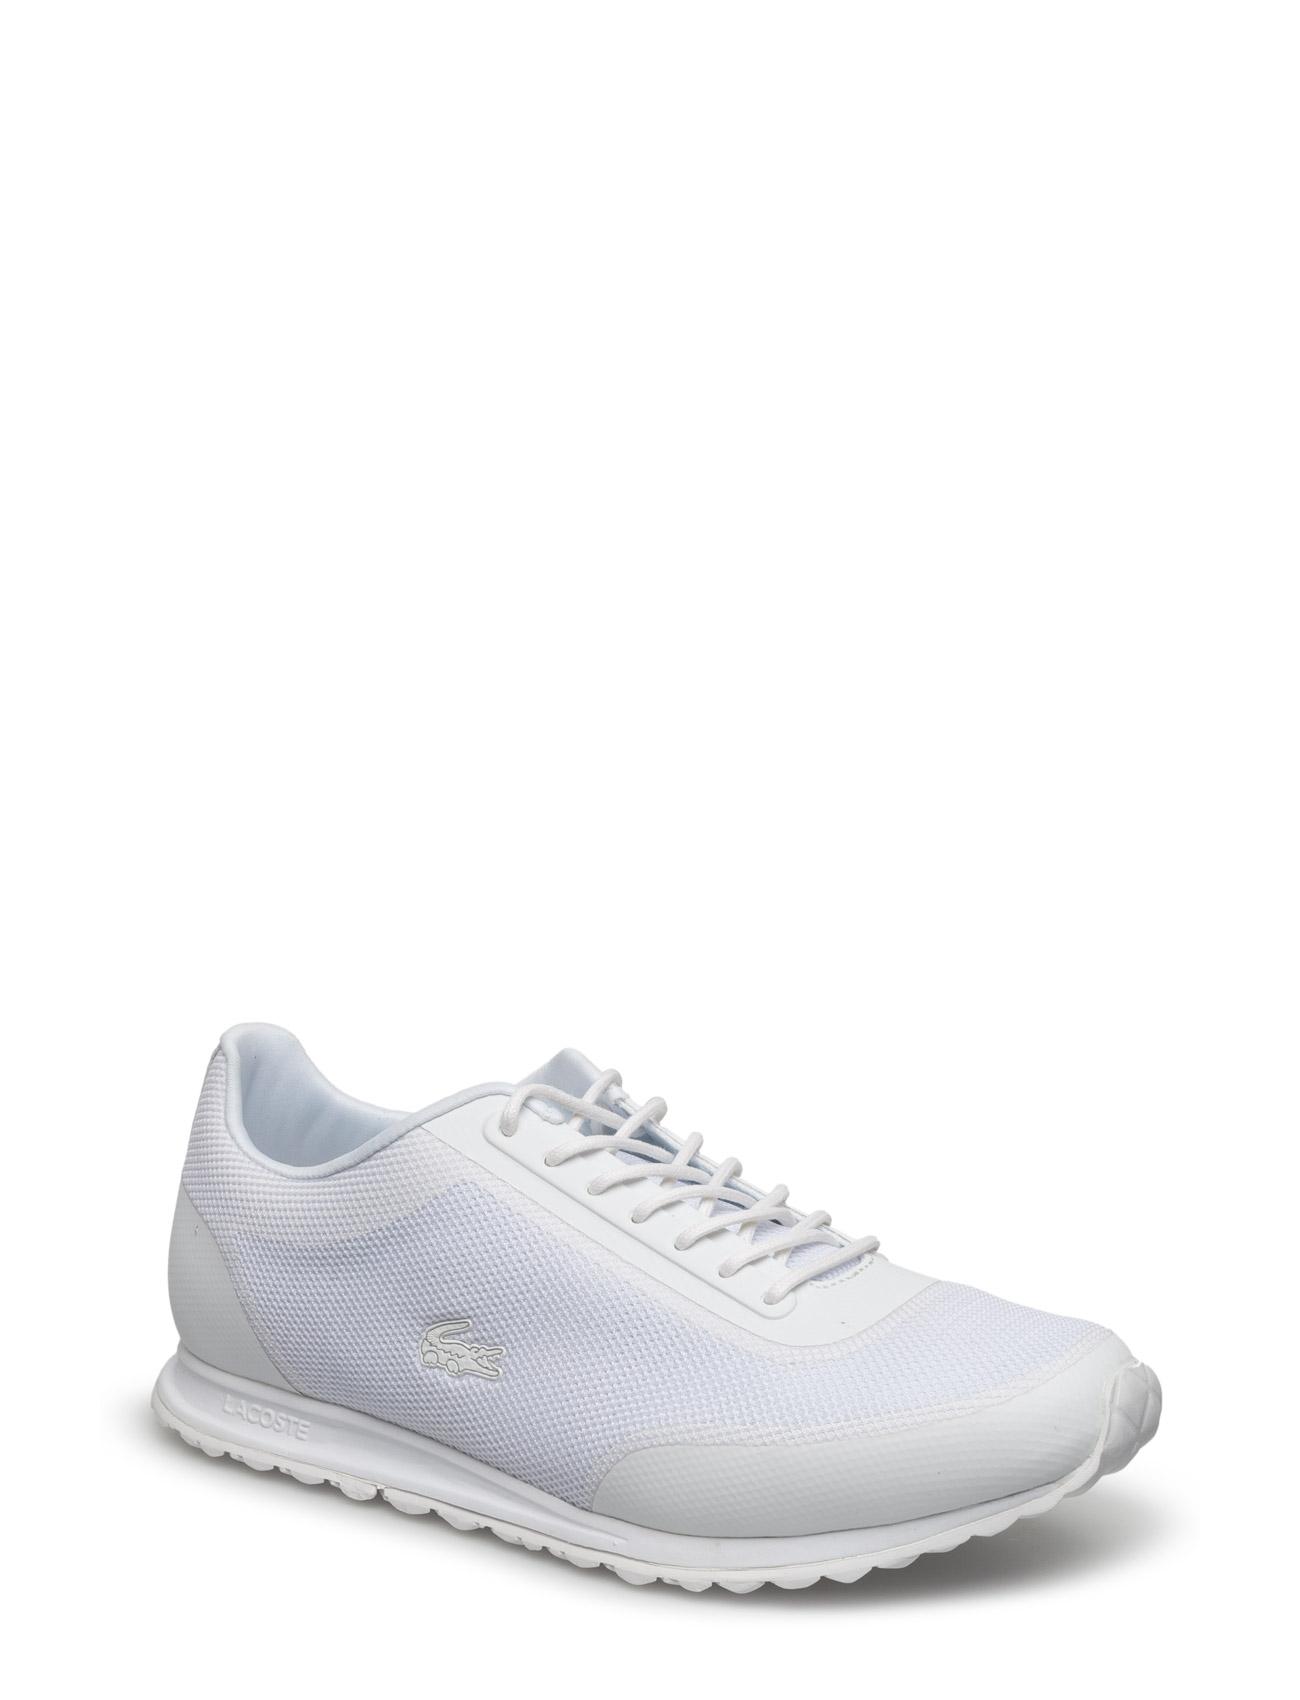 Helaine Runner 116 3 Lacoste Shoes Sko til Kvinder i